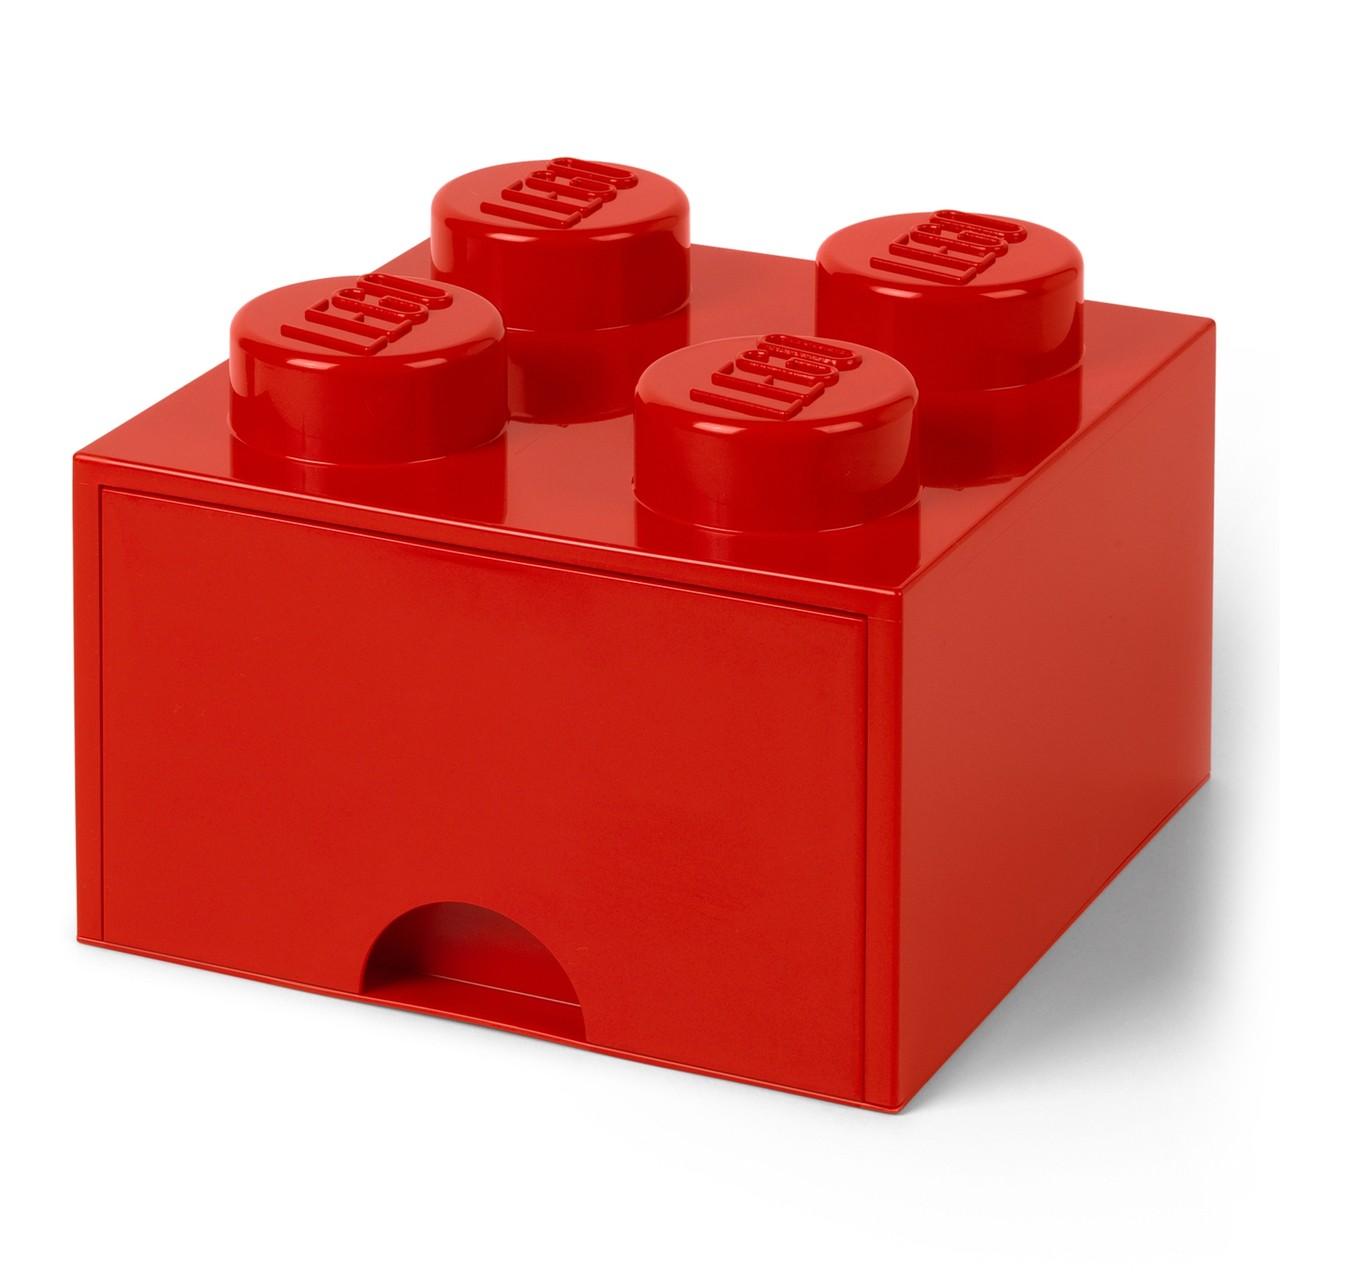 Full Size of Aufbewahrungsbehälter Lego Bausteinbomit Schublade 4 Noppen Farbe Rot Küche Wohnzimmer Aufbewahrungsbehälter